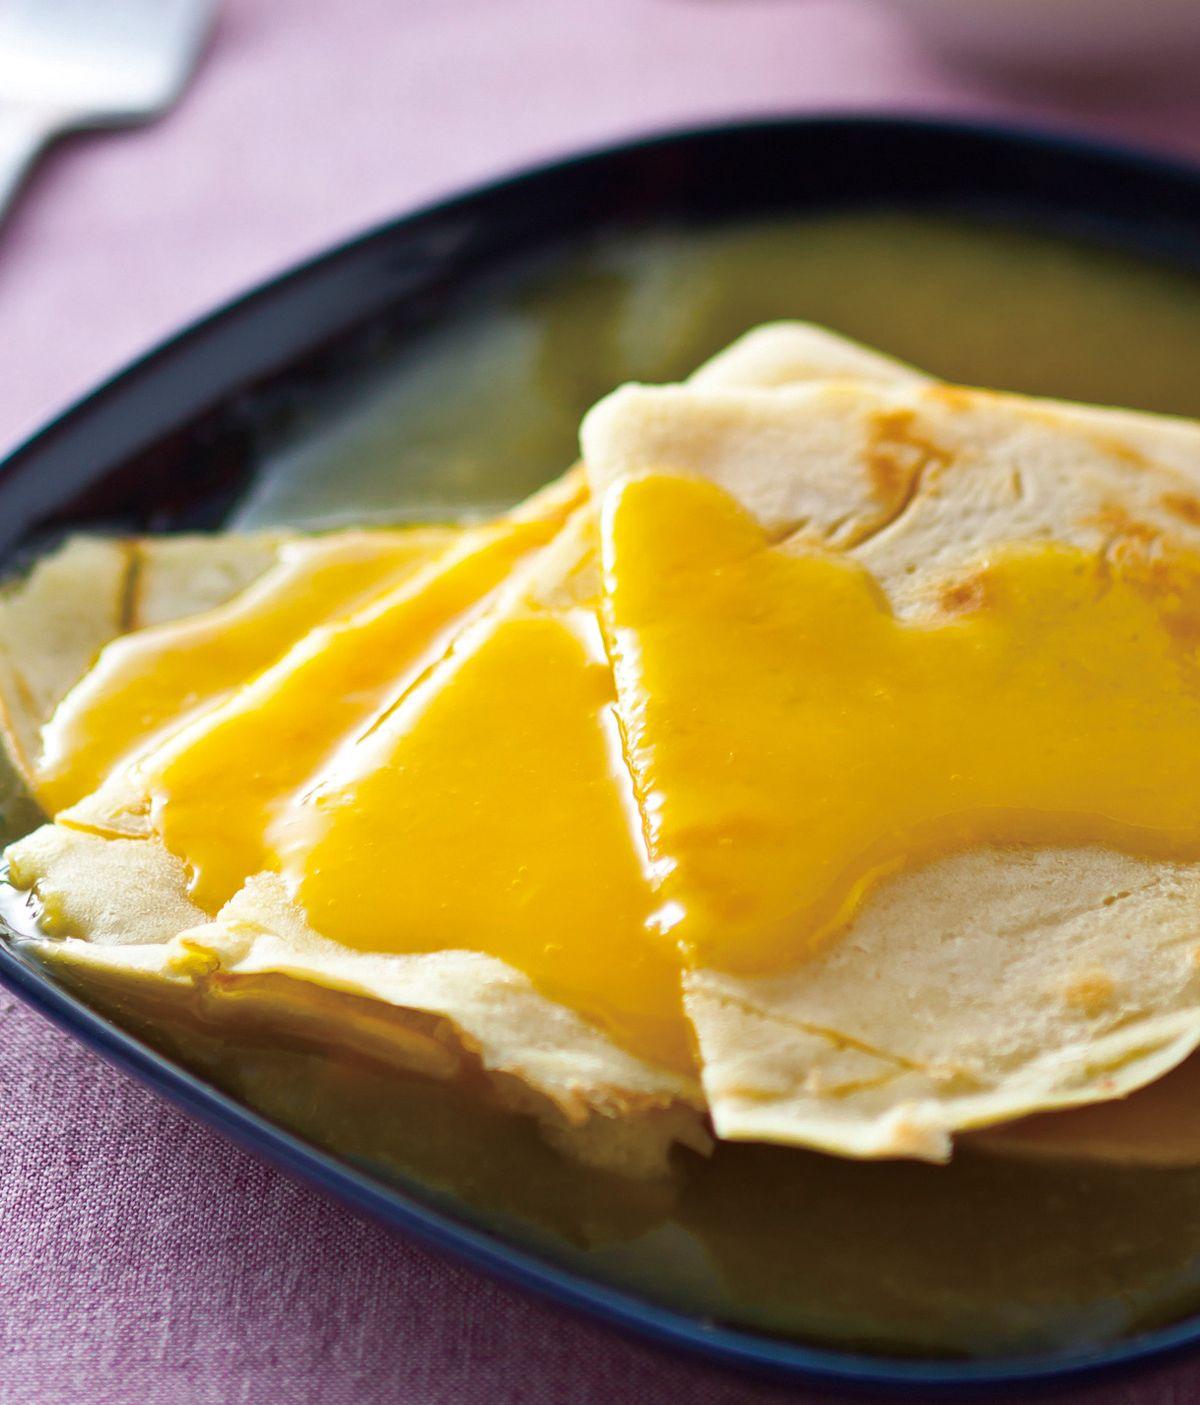 食譜:橙汁法式煎餅